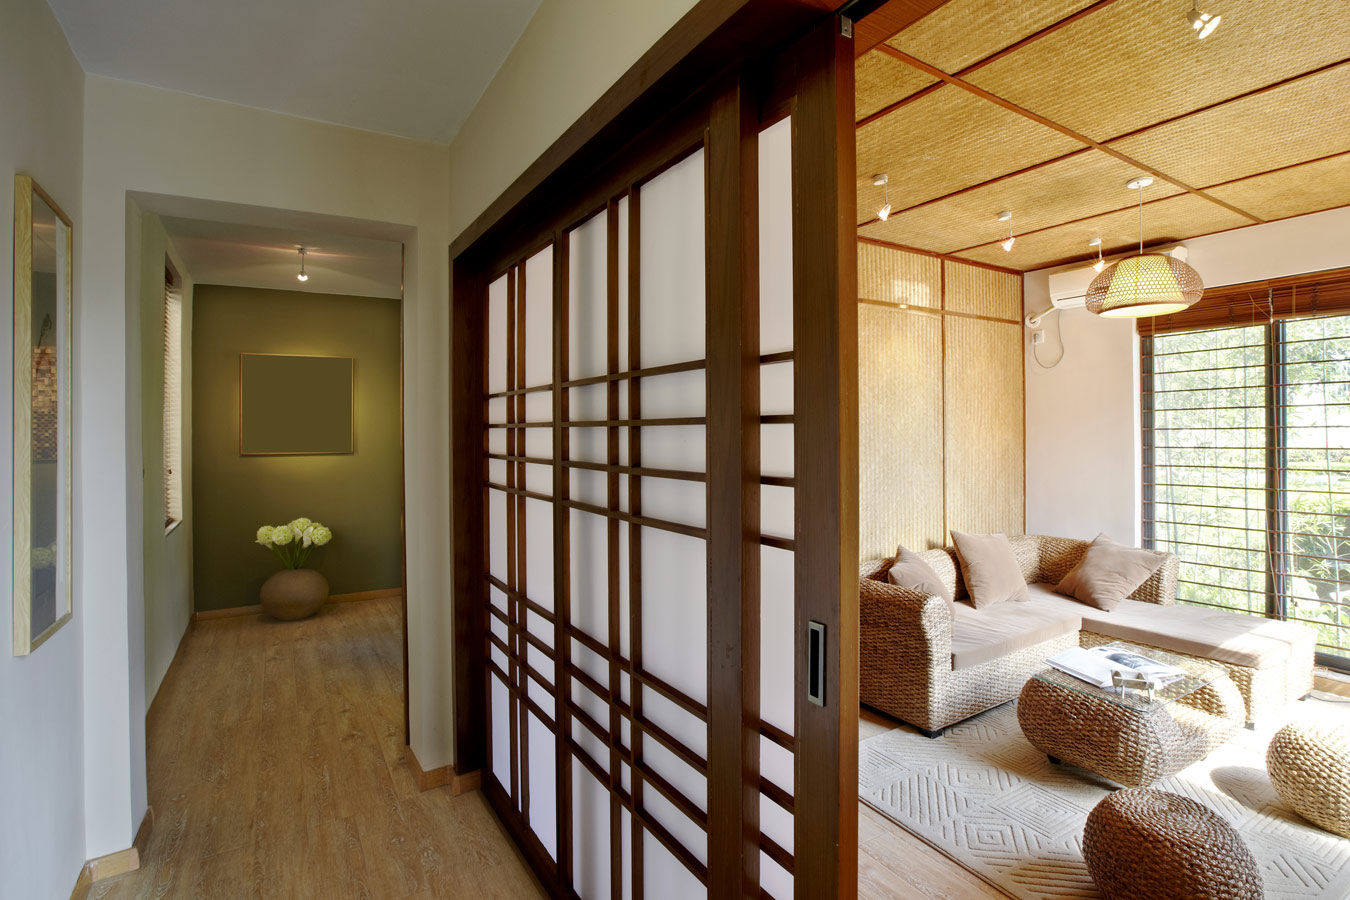 ethnische woonkamer met rieten poefs en japanse schuifdeur interieurstijlen uit de hele wereld